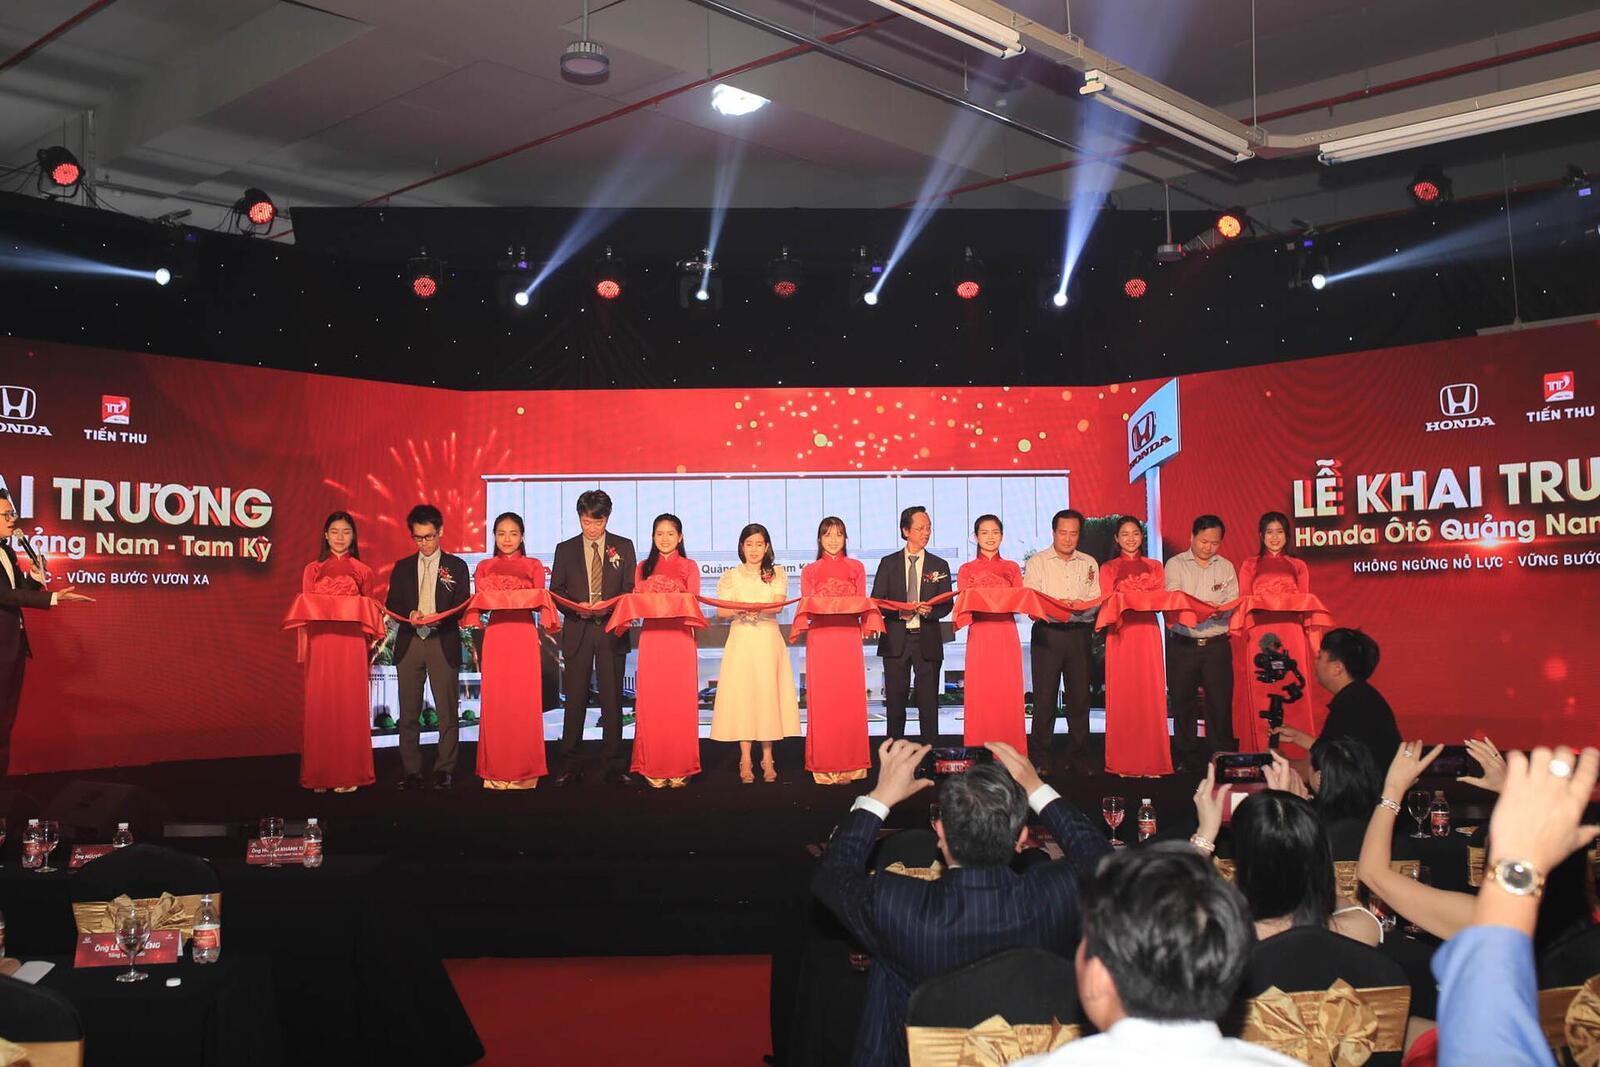 Honda Việt Nam khai trương đại lý tại Quảng Nam – Tam Kỳ, mở rộng thị trường khu vực miền Trung - Hình 3